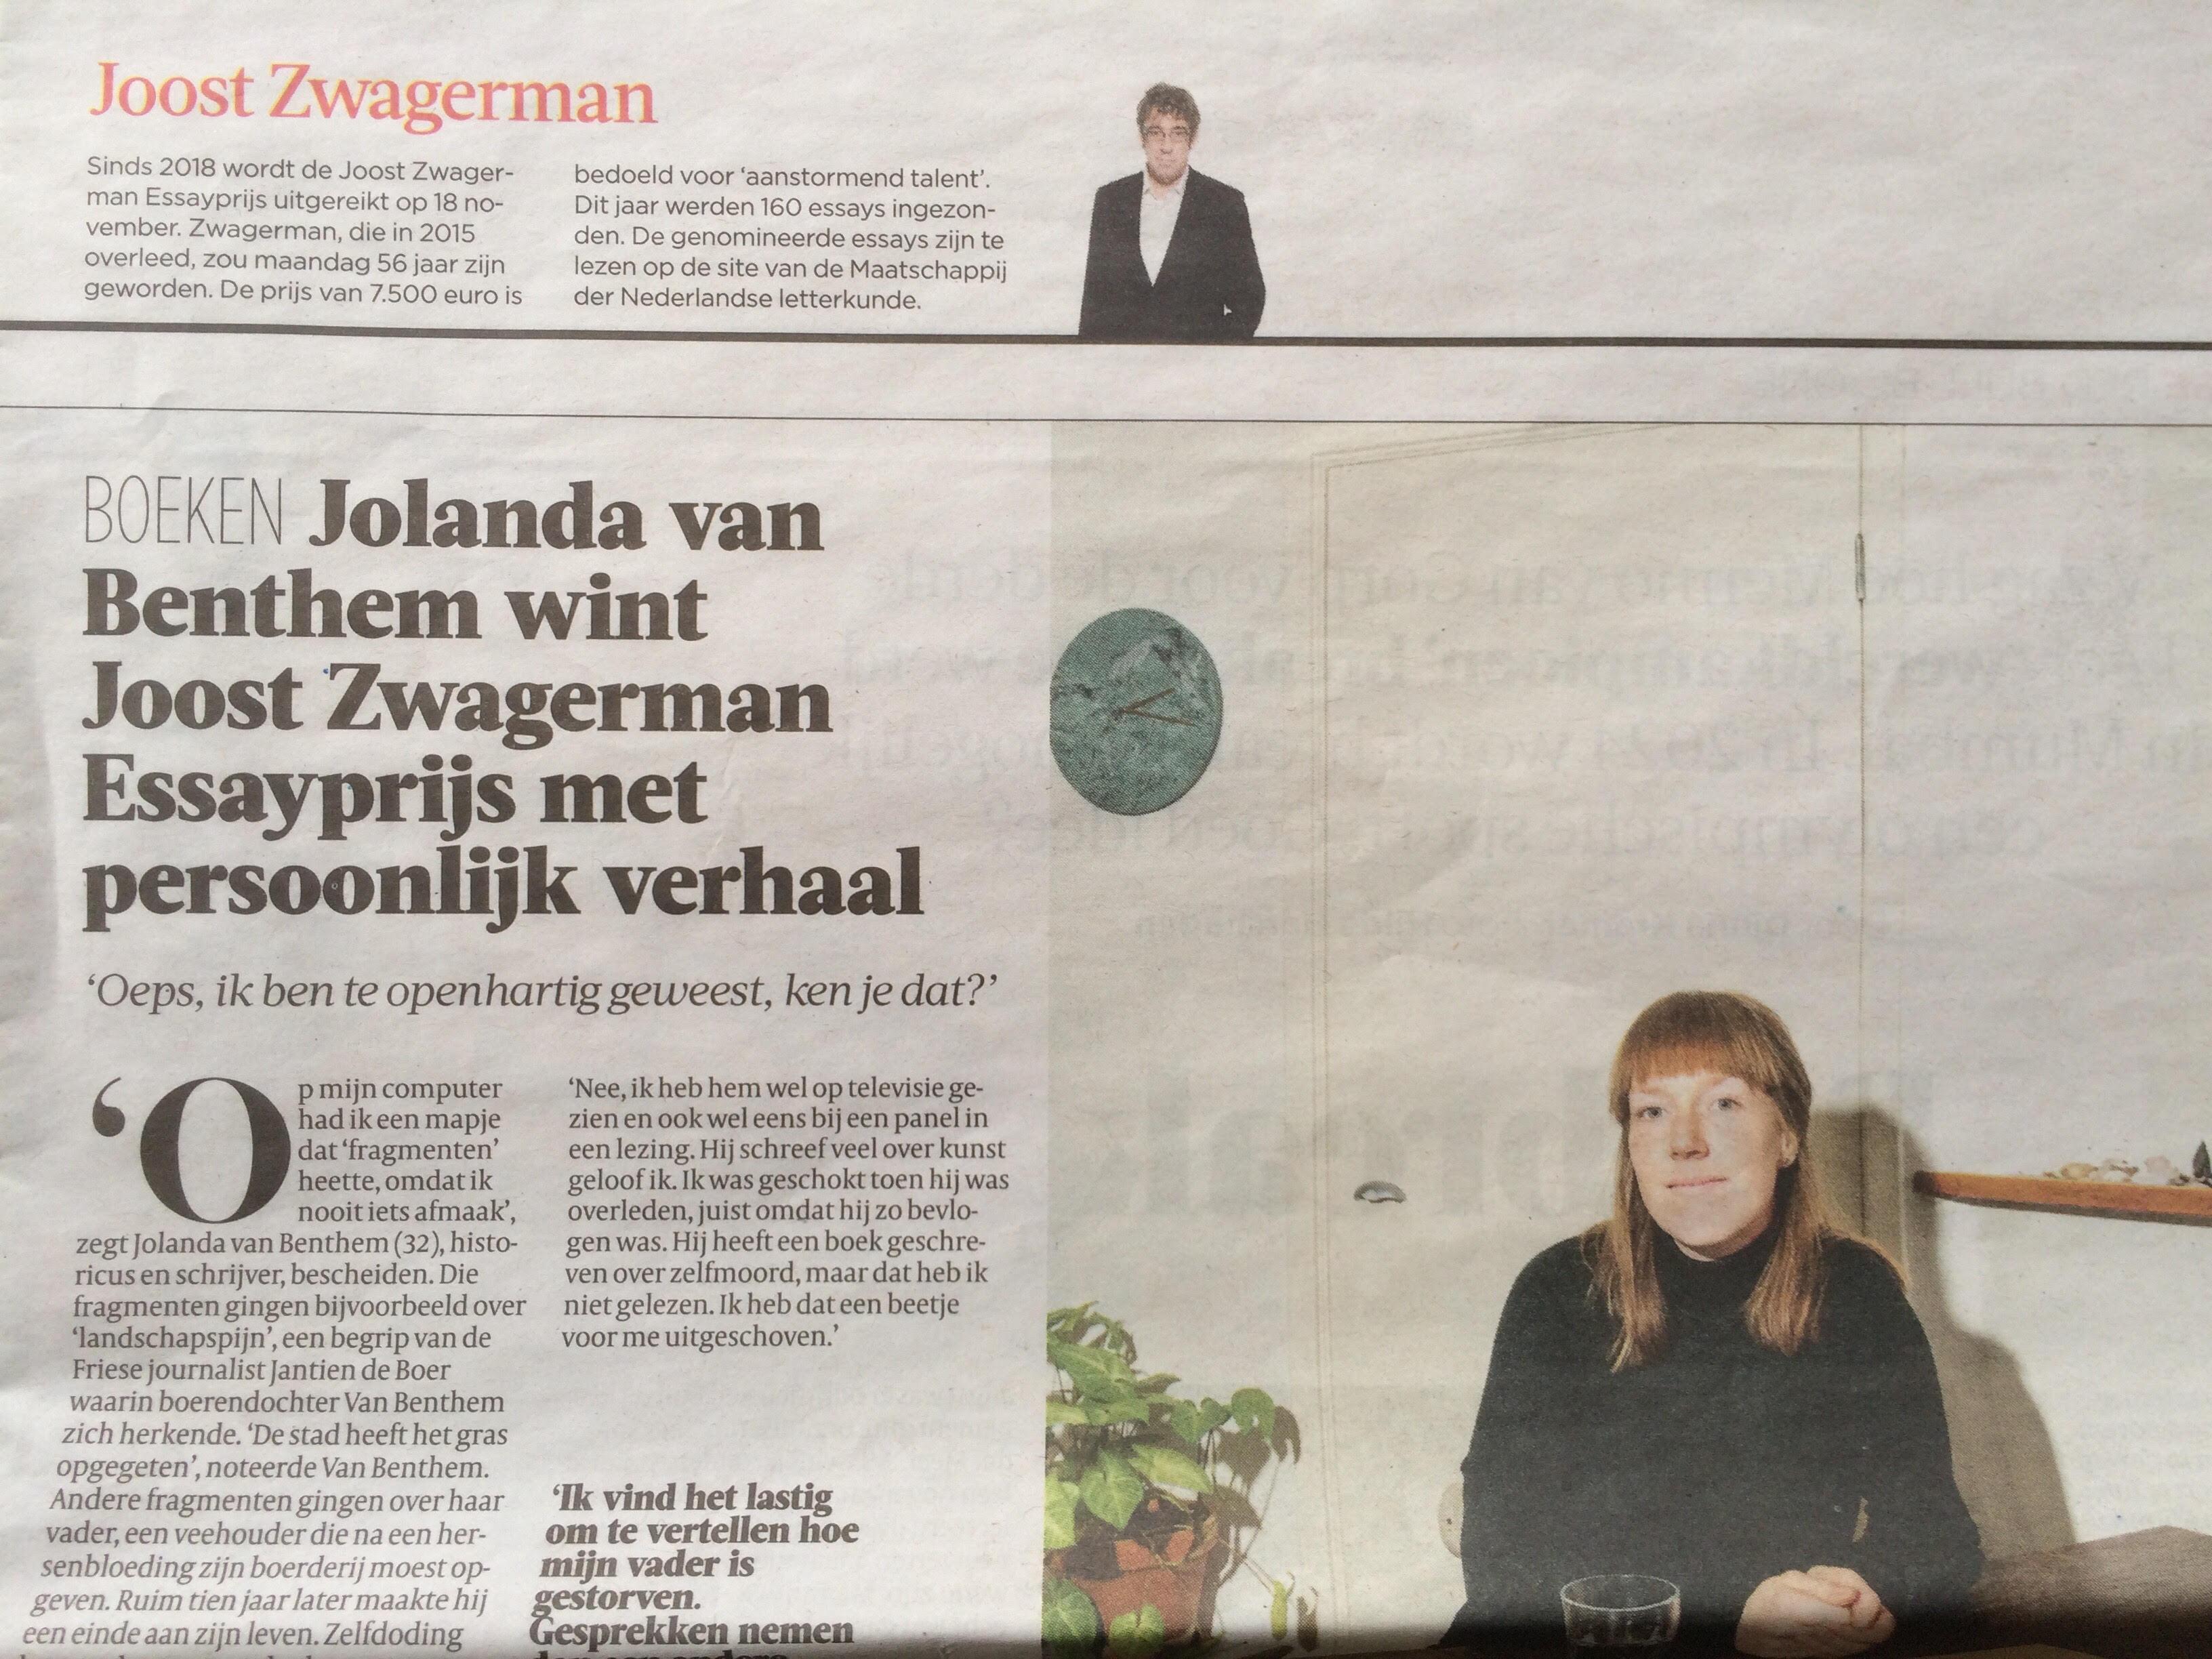 Joost Zwagerman Essay Prijs